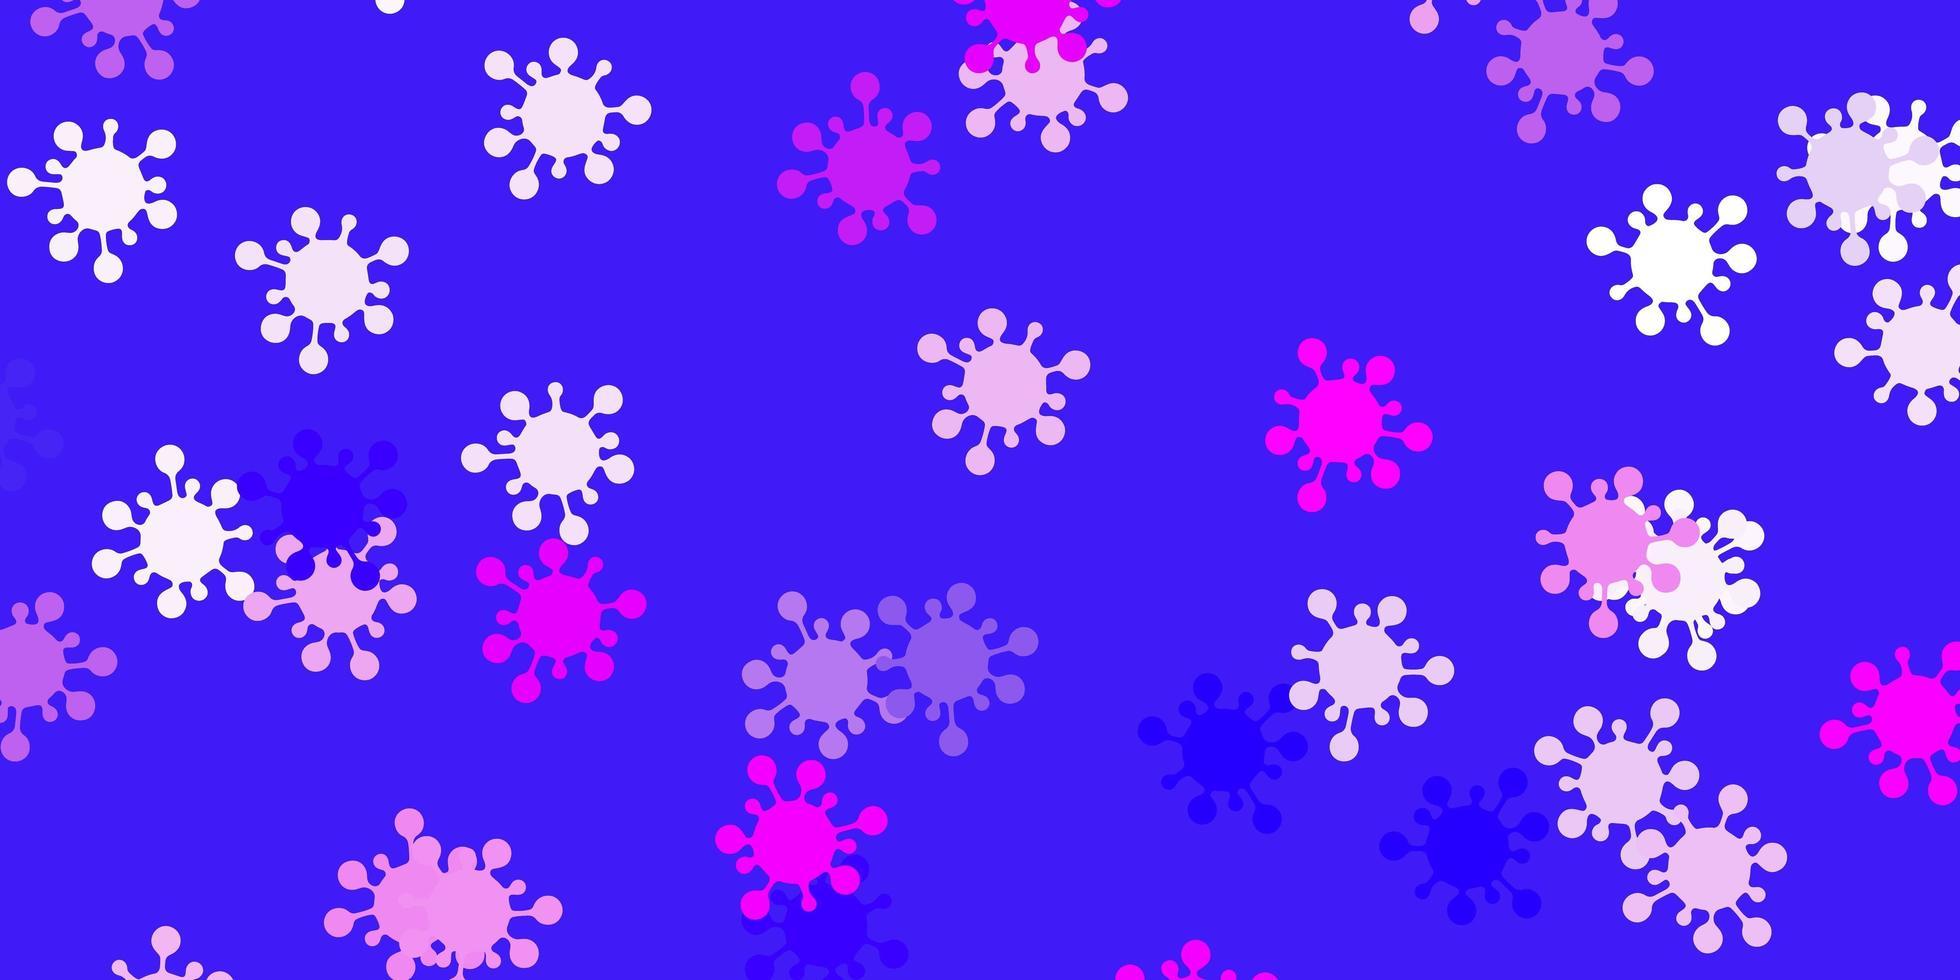 padrão de vetor rosa claro roxo com elementos de coronavírus.